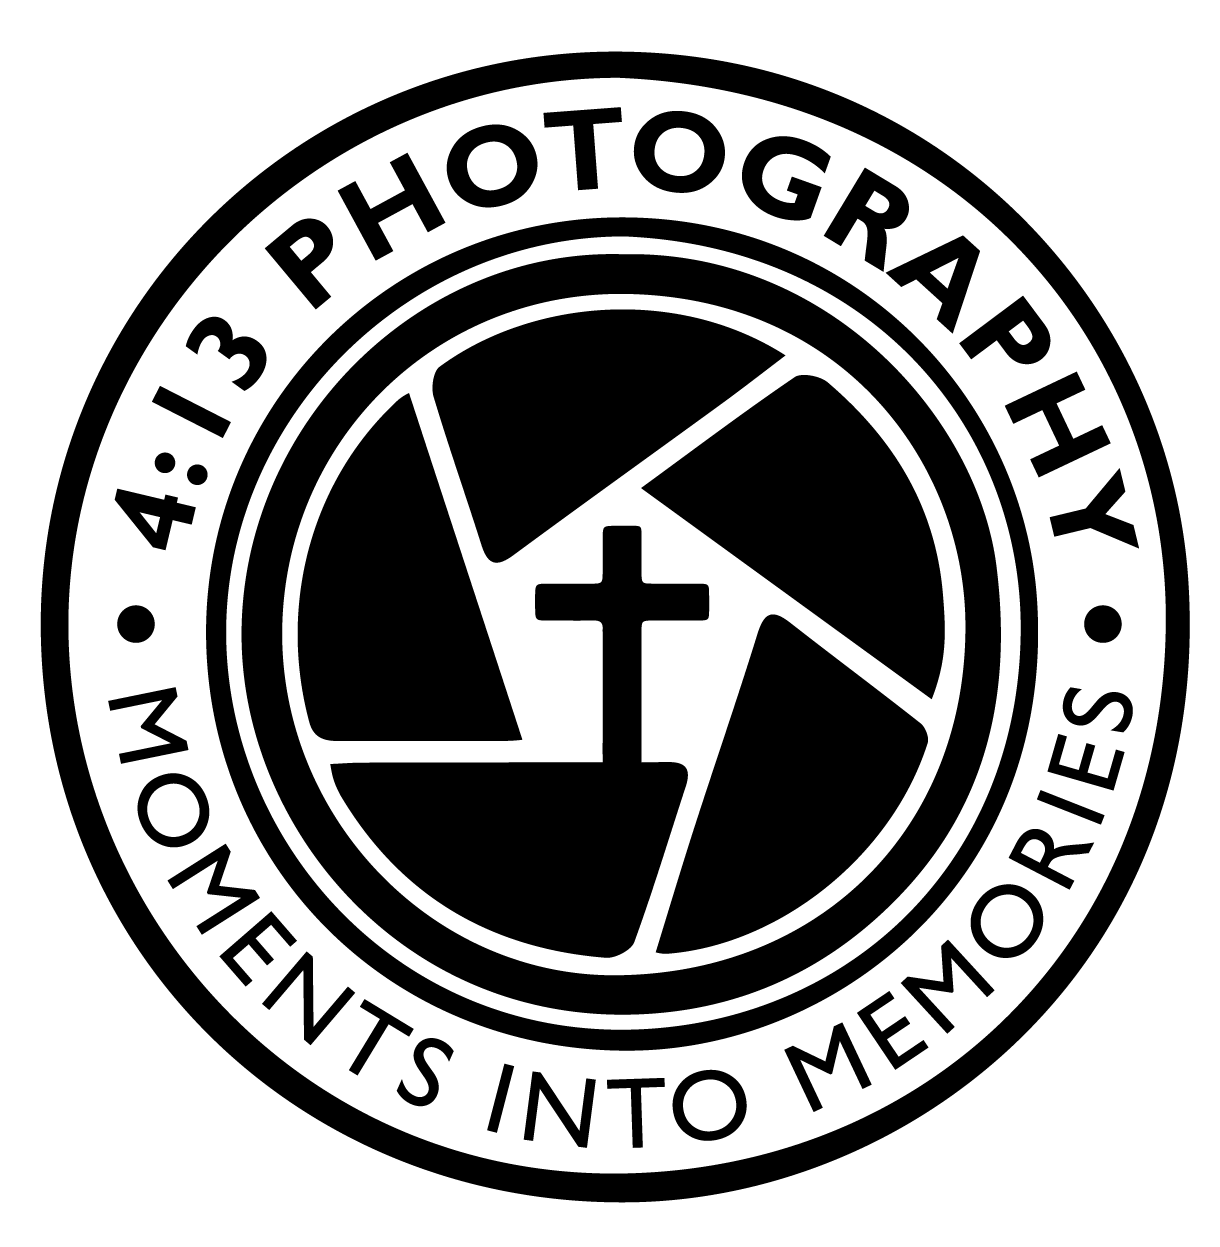 BLACK-TRANSPARENT-Dennis-norwood-photo-logo-OL.png